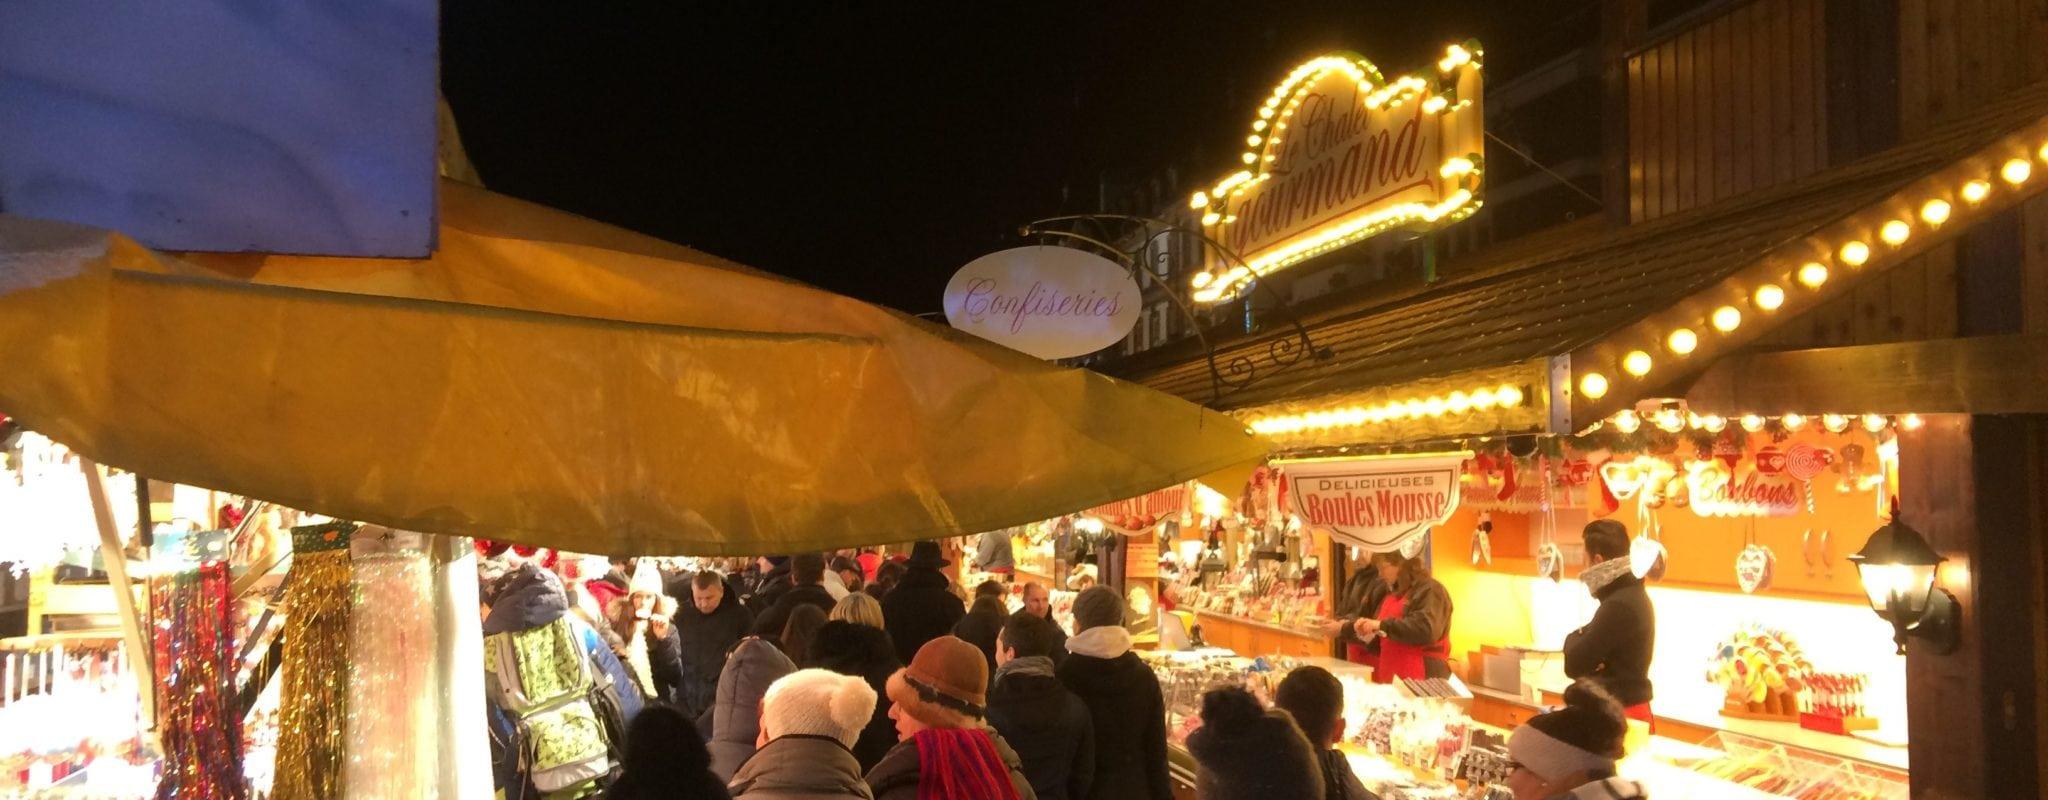 Strasbourg n'est plus capitale de Noël mais capitale des mauvais perdants